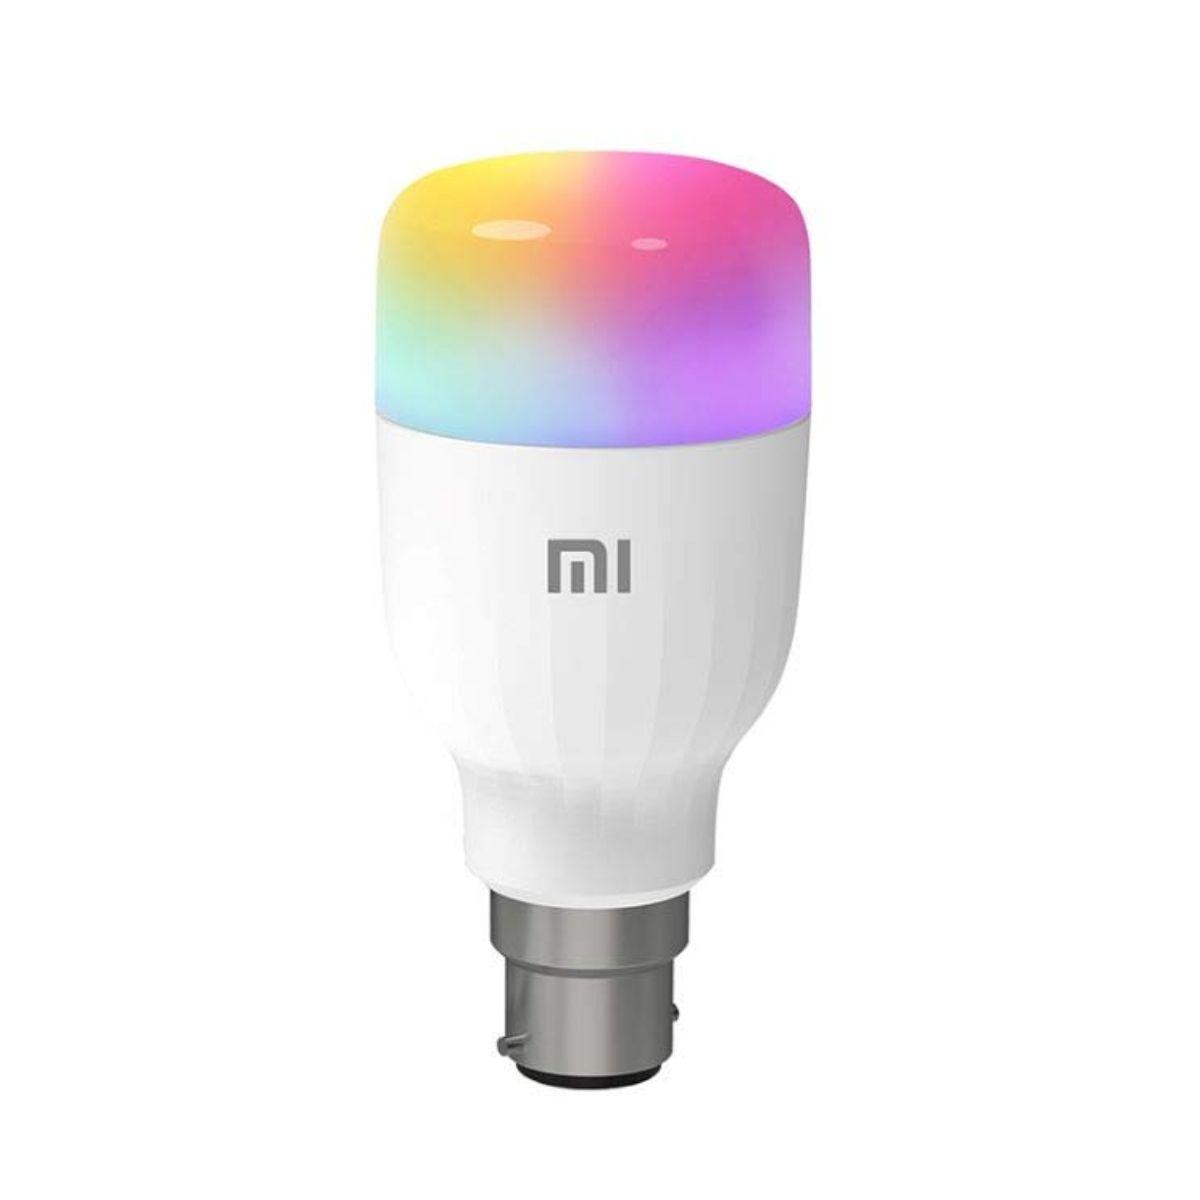 Mi LED Smart Colour Bulb (B22)